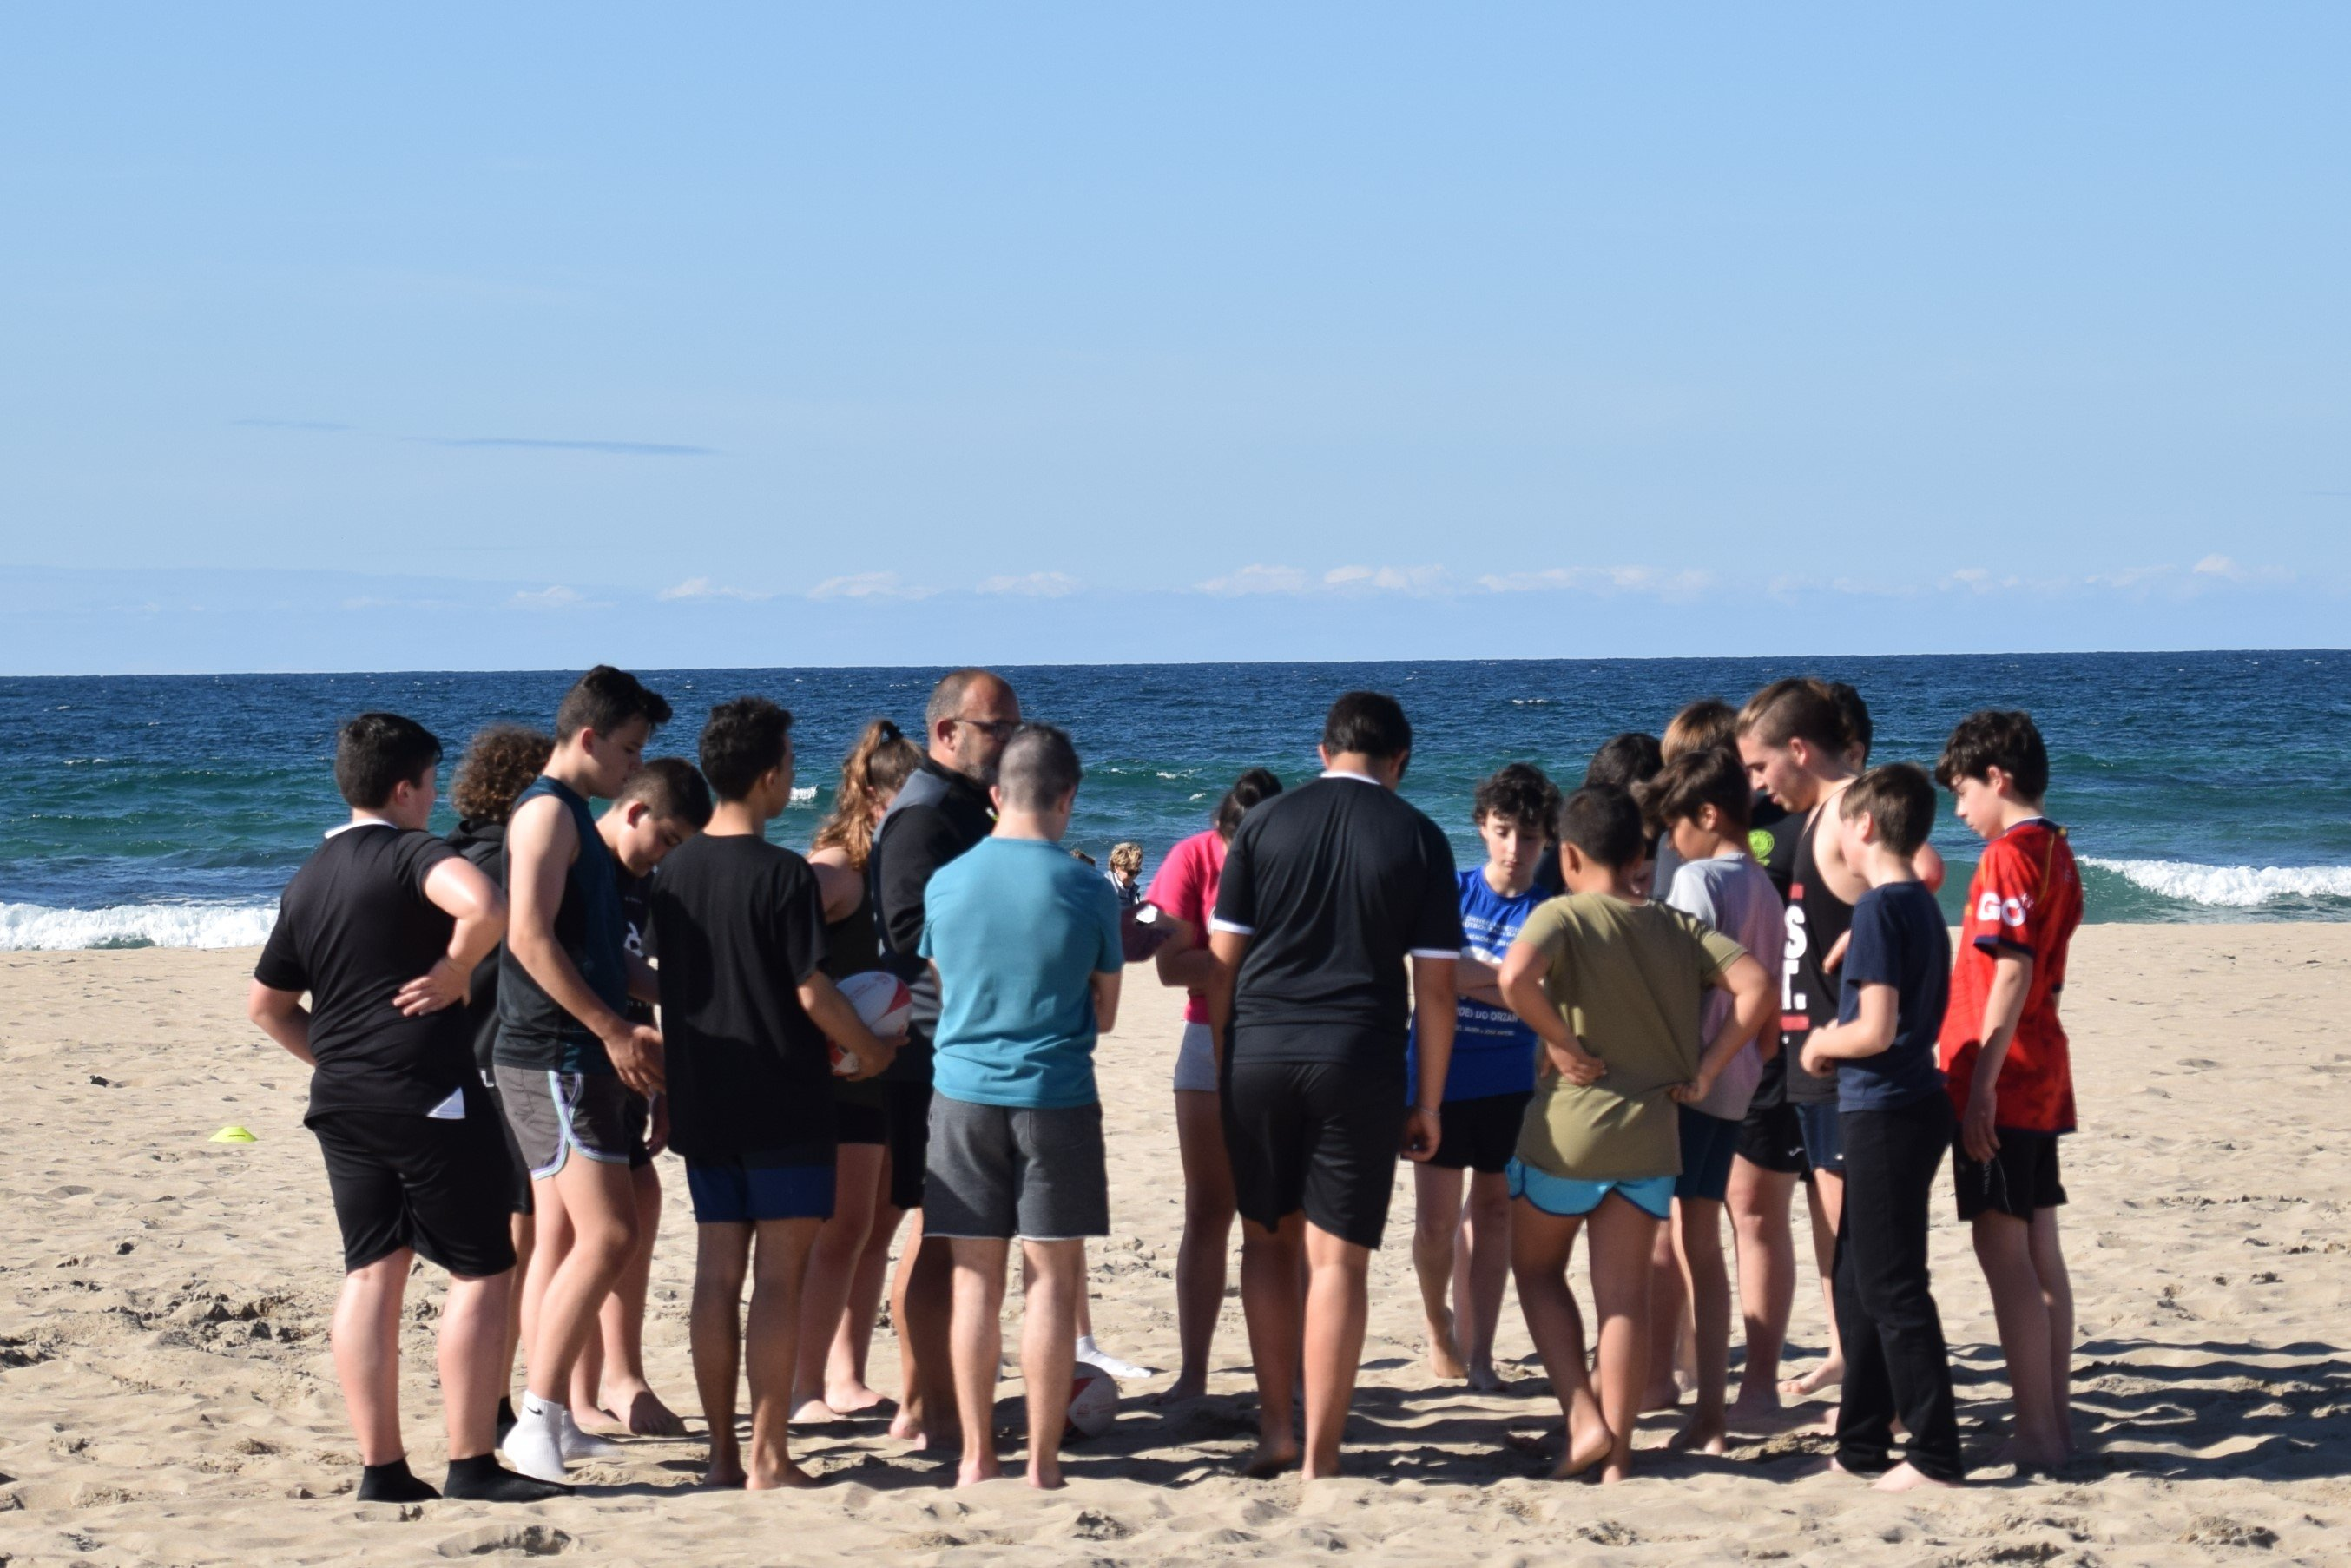 El Beone Ribadeo en colaboración con As Poleas y el Ayuntamiento de Tapia presentará Tres Equipos en los Juegos Deportivos de Rugby Playa